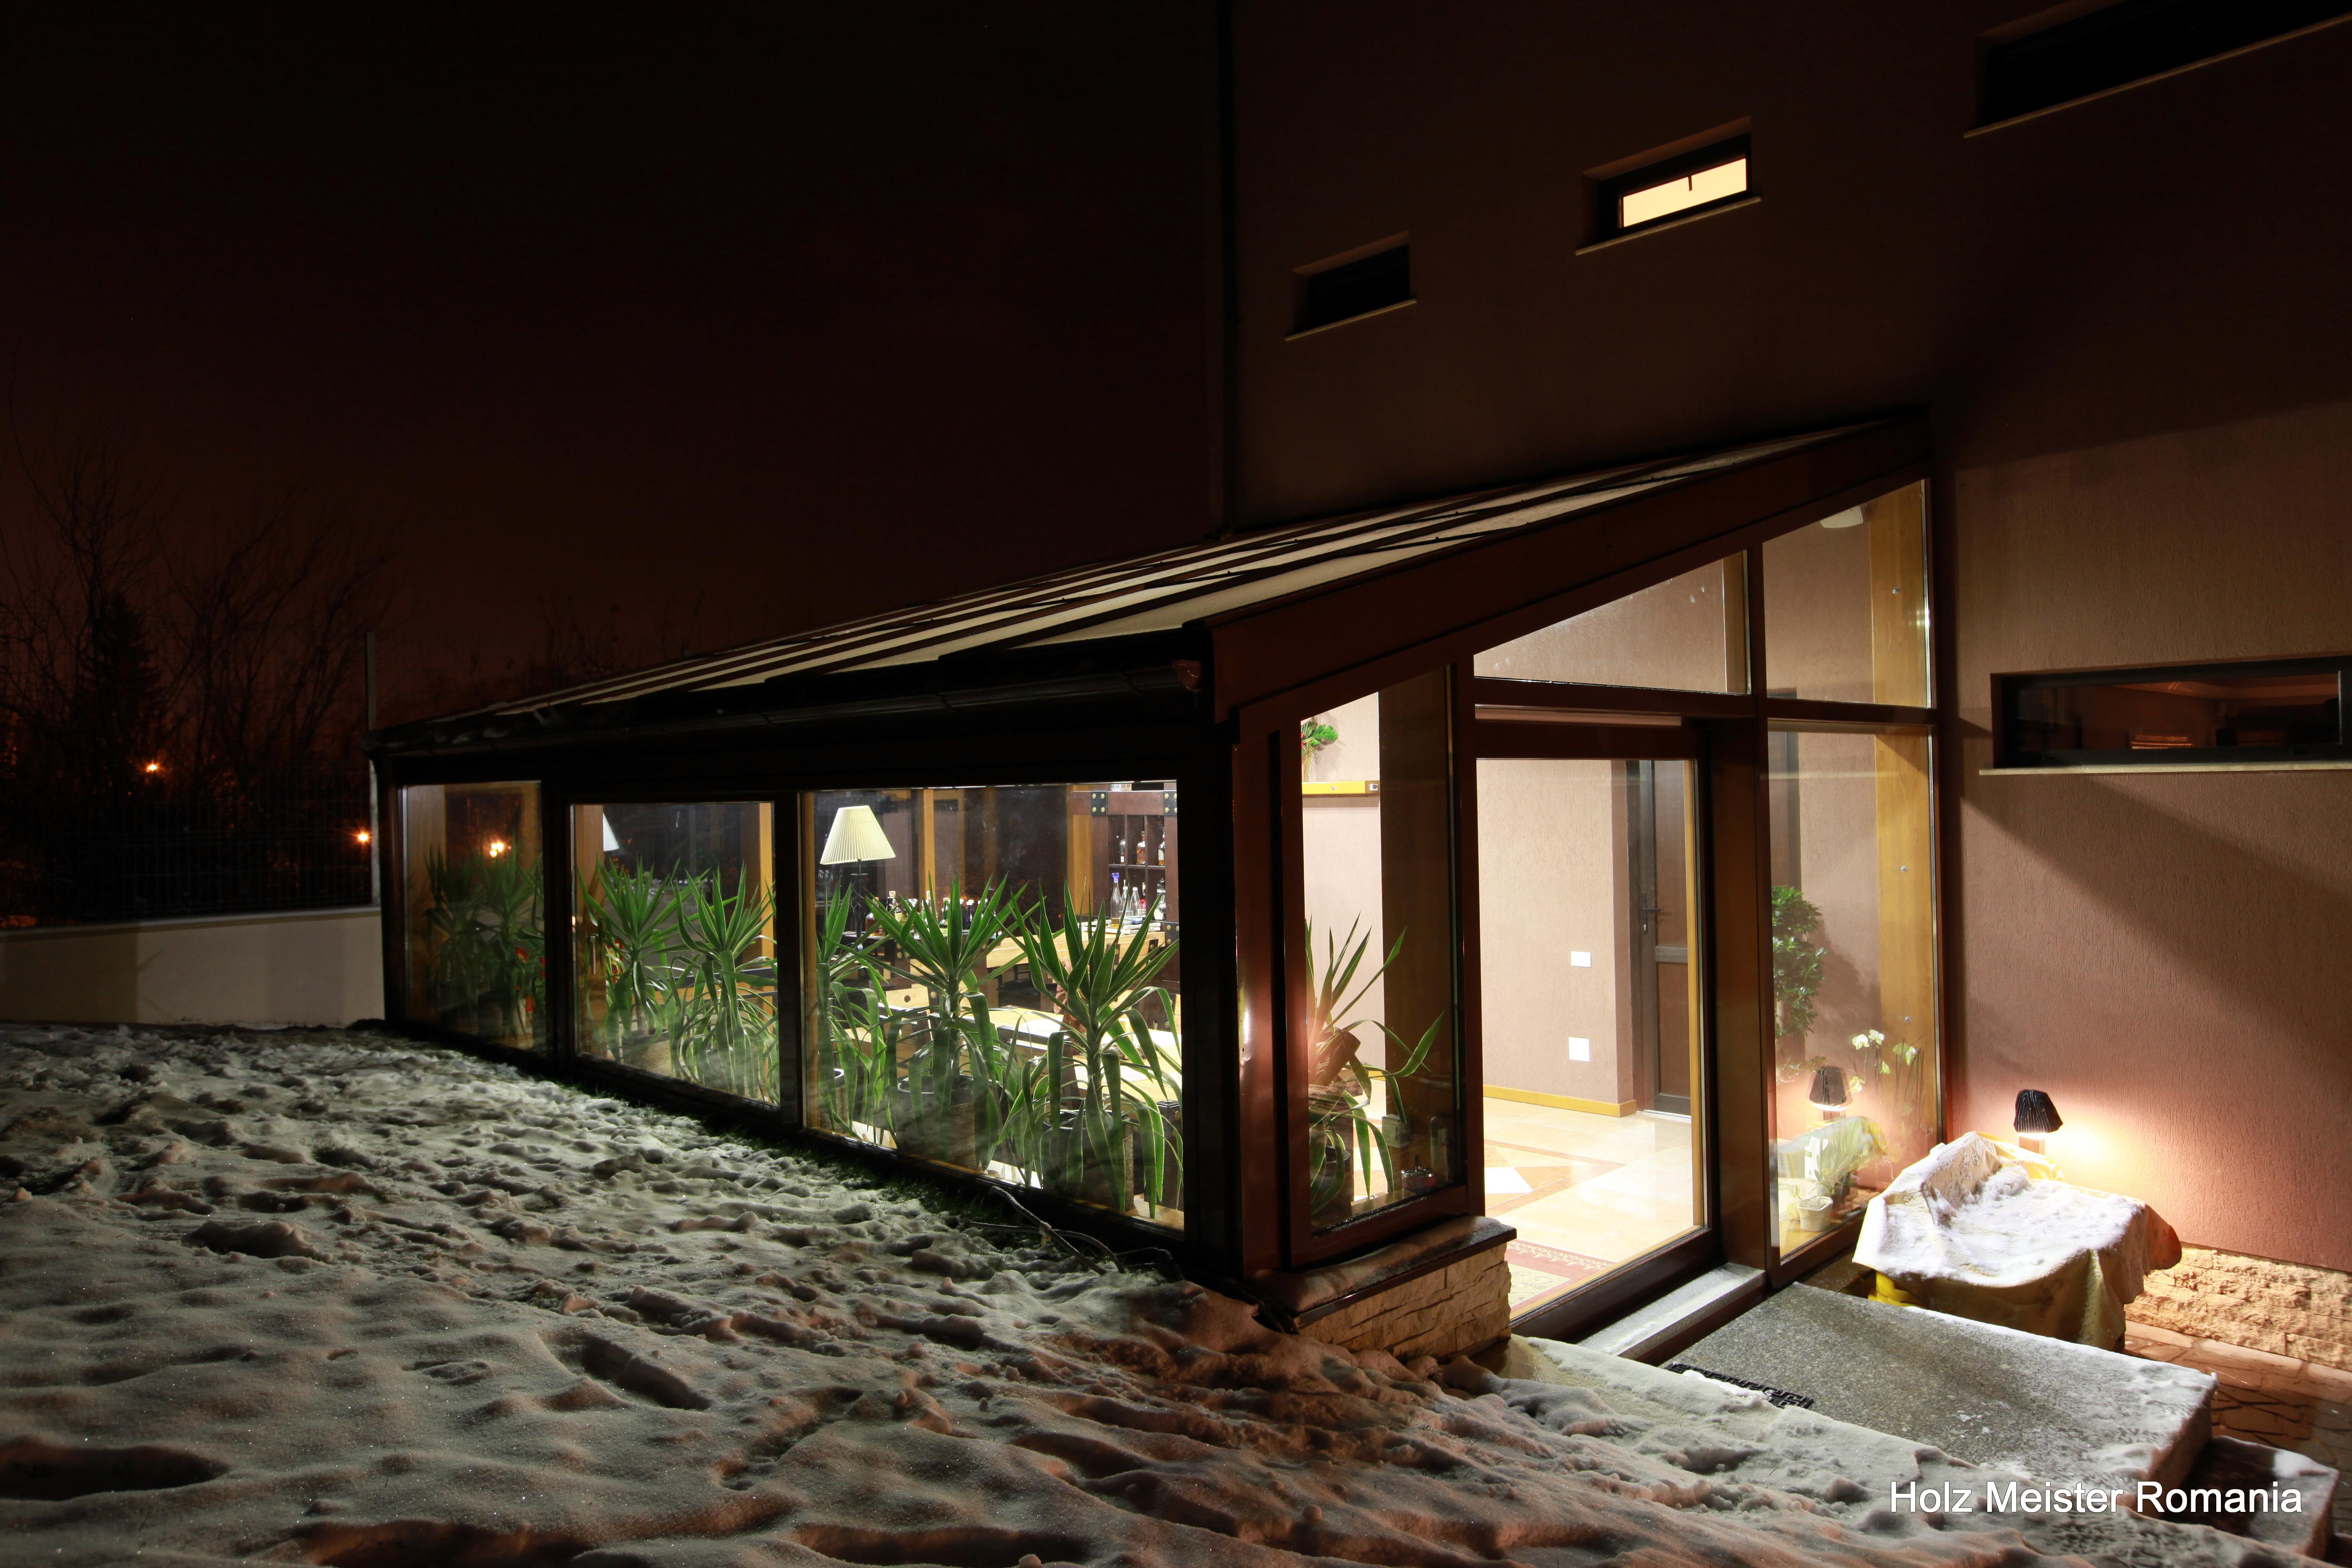 Gradina de iarna - Asof HOLZ MEISTER - Poza 1